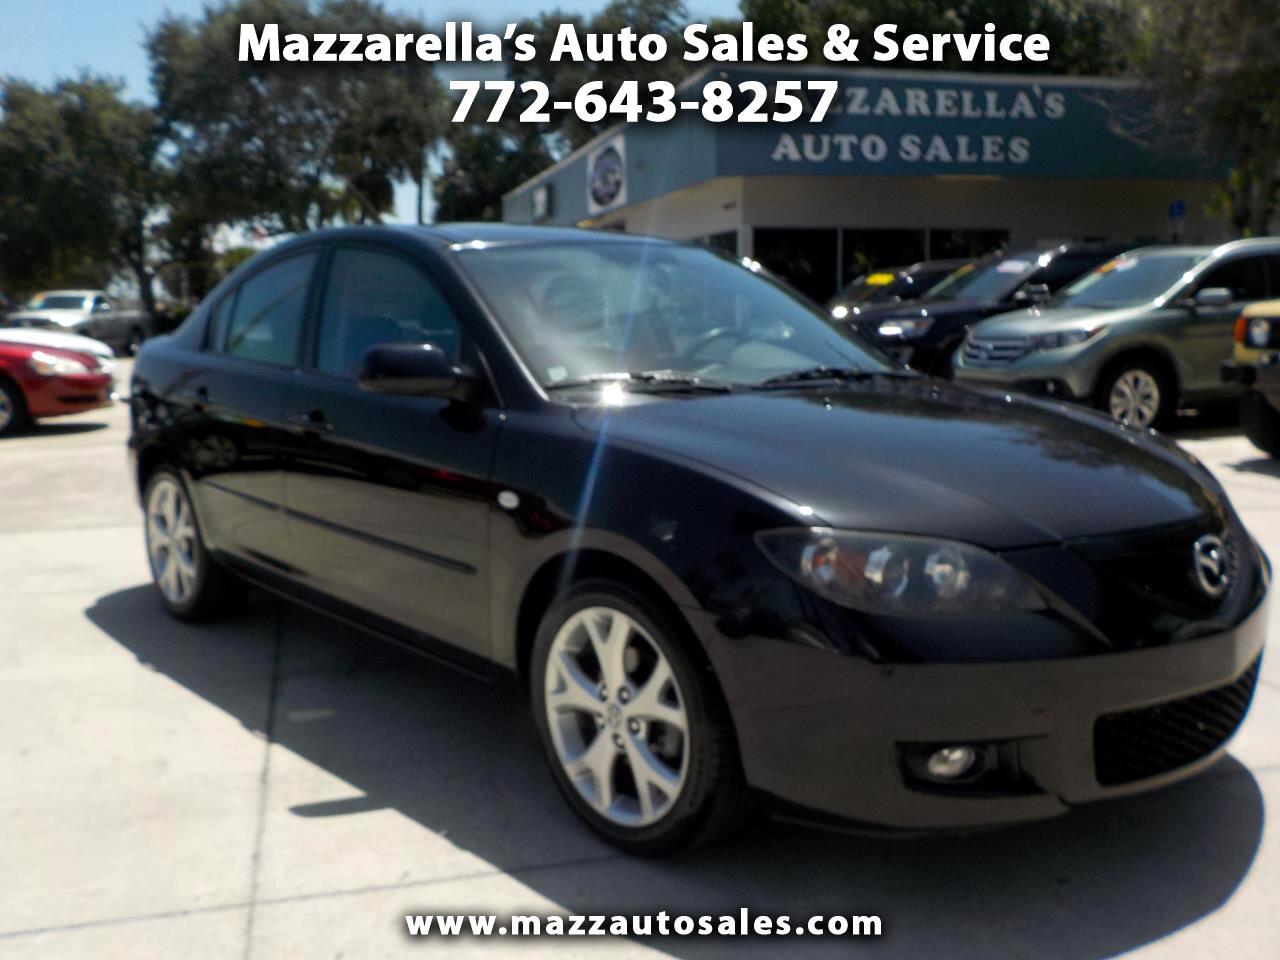 2009 Mazda MAZDA3 4dr Sdn Auto i Touring Value